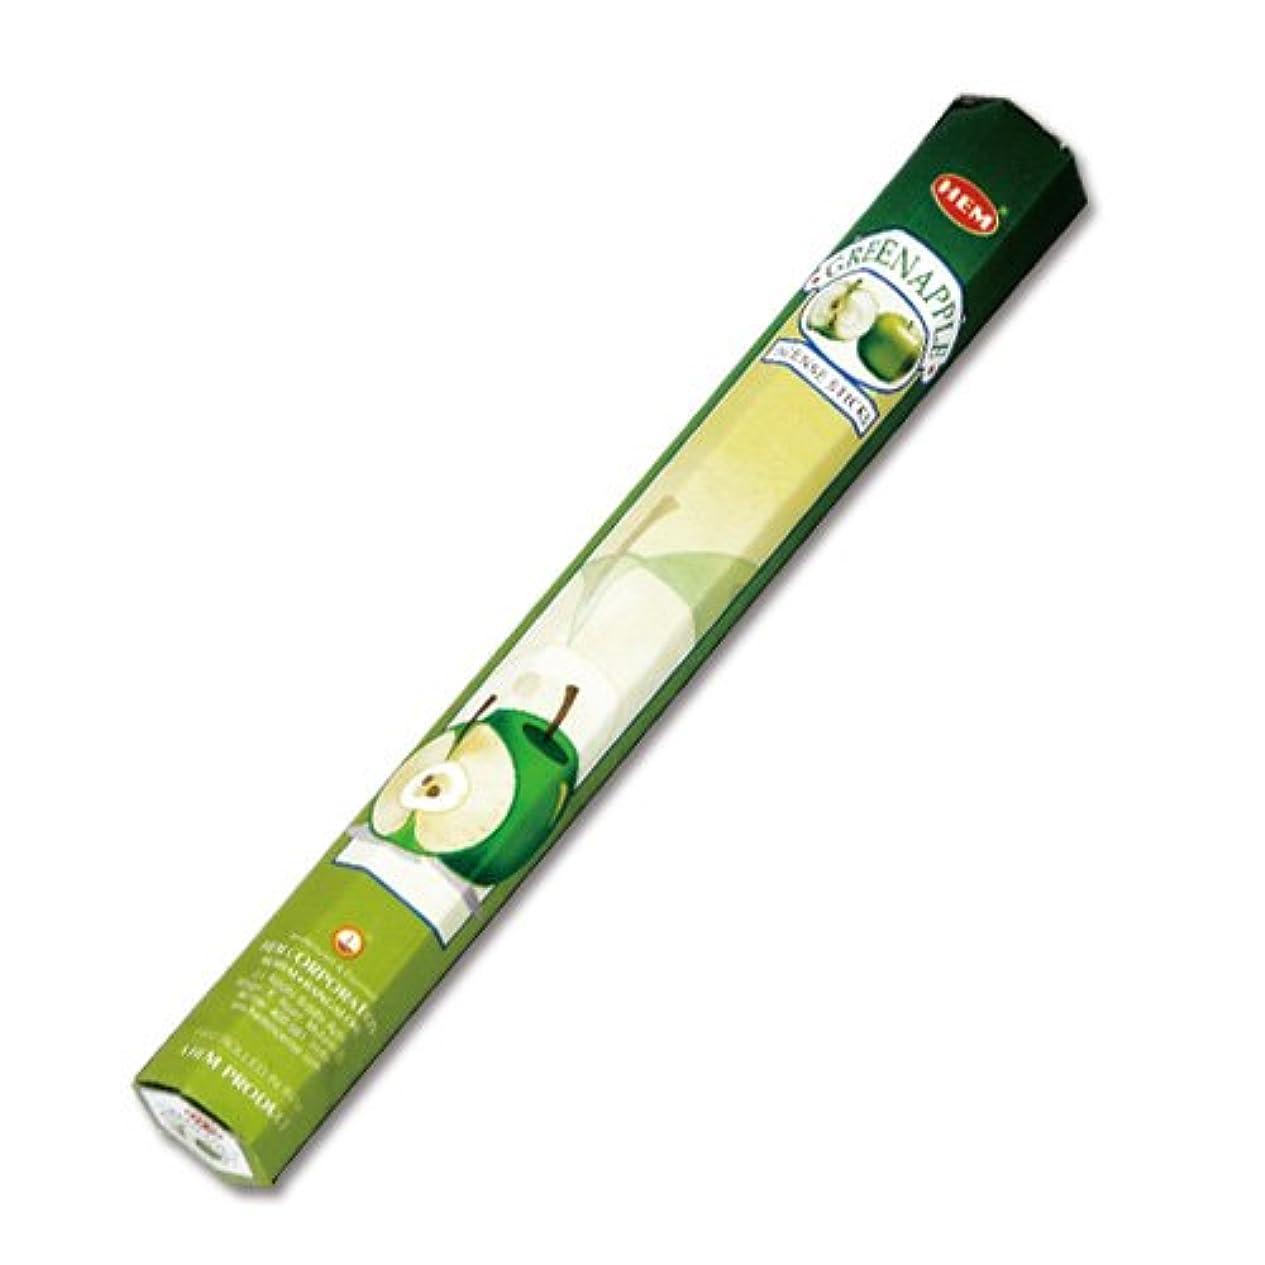 であること降伏ブッシュHEM グリーンアップル香(GREEN APPLE) スティックタイプ 1筒:約20本入り (メール便配送240円!7筒まで同梱可!他お香(スティックタイプ)との組み合わせOK!)